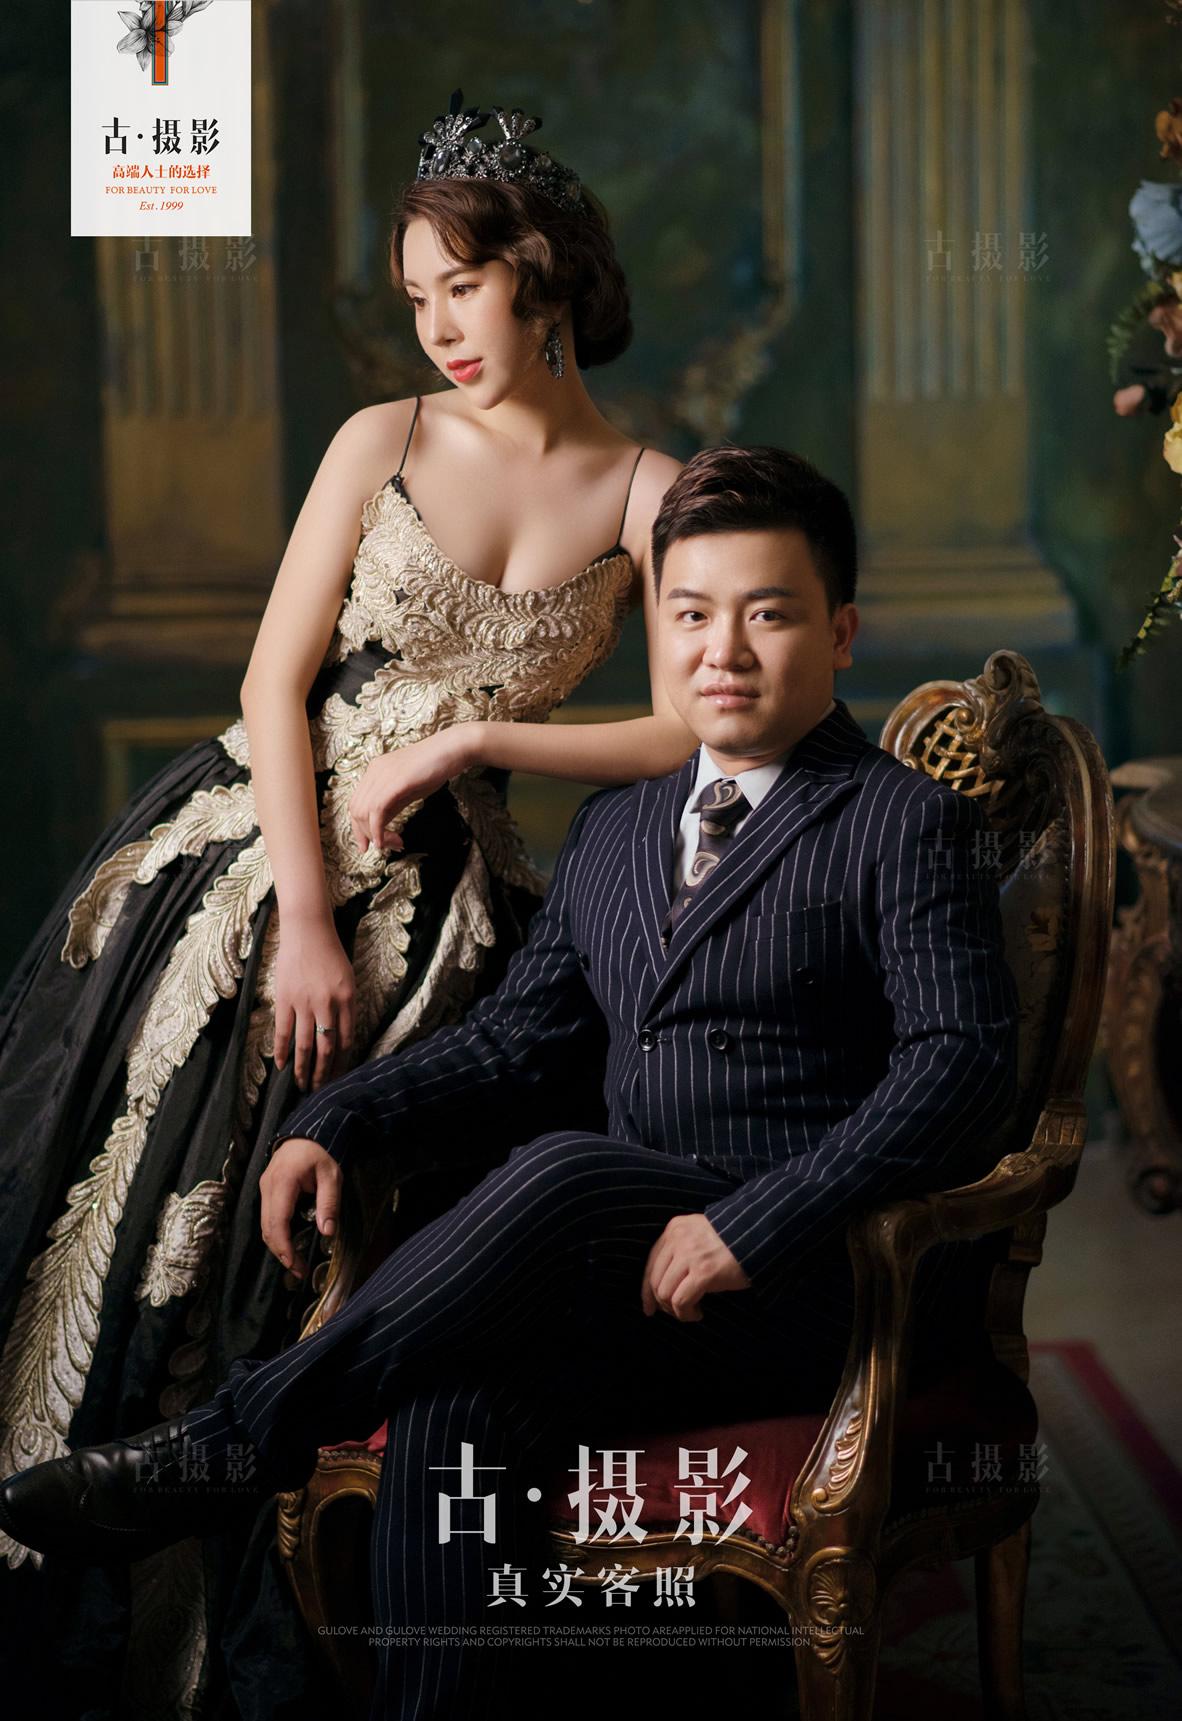 7月29日客片林先生 何小姐4 - 每日客照 - 广州婚纱摄影-广州古摄影官网